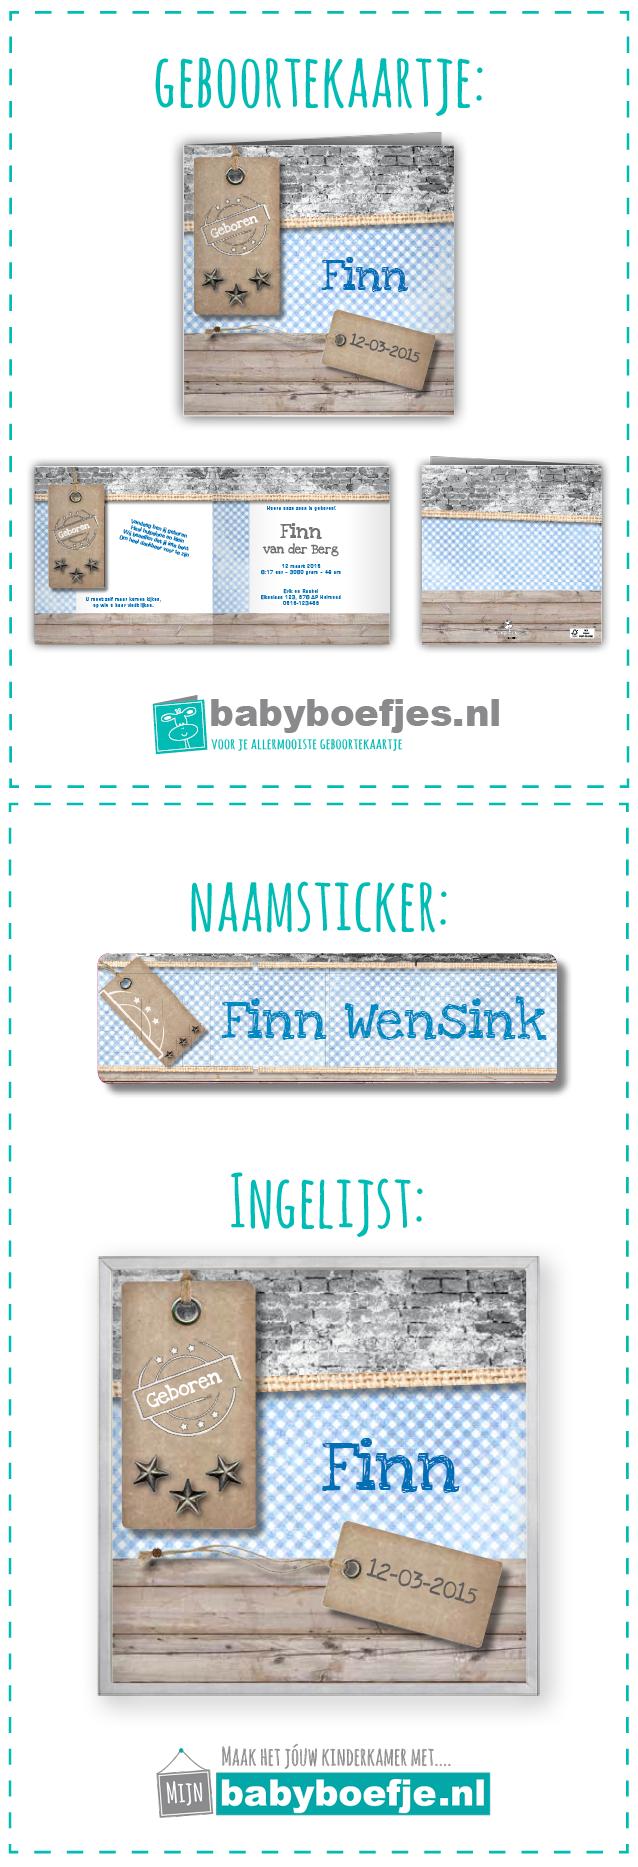 #geboortekaartjes #naamsticker #wanddecoratie #babykamer #jongen #retro #steigerhout.  In dezelfde stijl als je geboortekaartje bieden wij ook naamstickers en een ingelijst ontwerp aan. Op deze manier kun je in dezelfde stijl je babykamer nog verder opvrolijken. De geboortekaartjes zijn verkrijgbaar op www.babyboefjes.nl. De naamstickers en wanddecoratie op www.mijnbabyboefje.nl